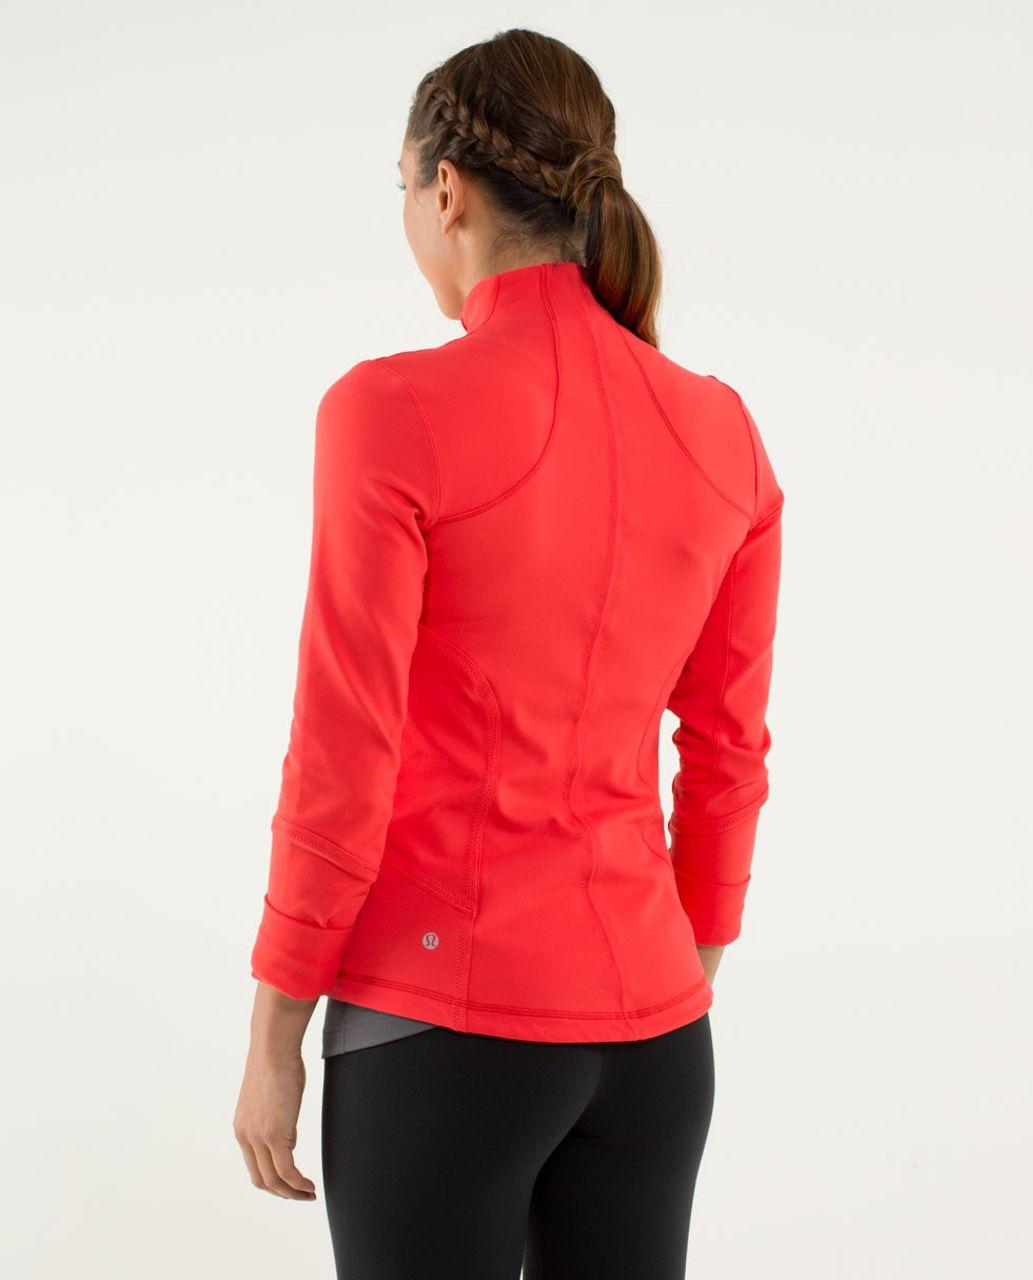 Lululemon Forme Jacket - Love Red